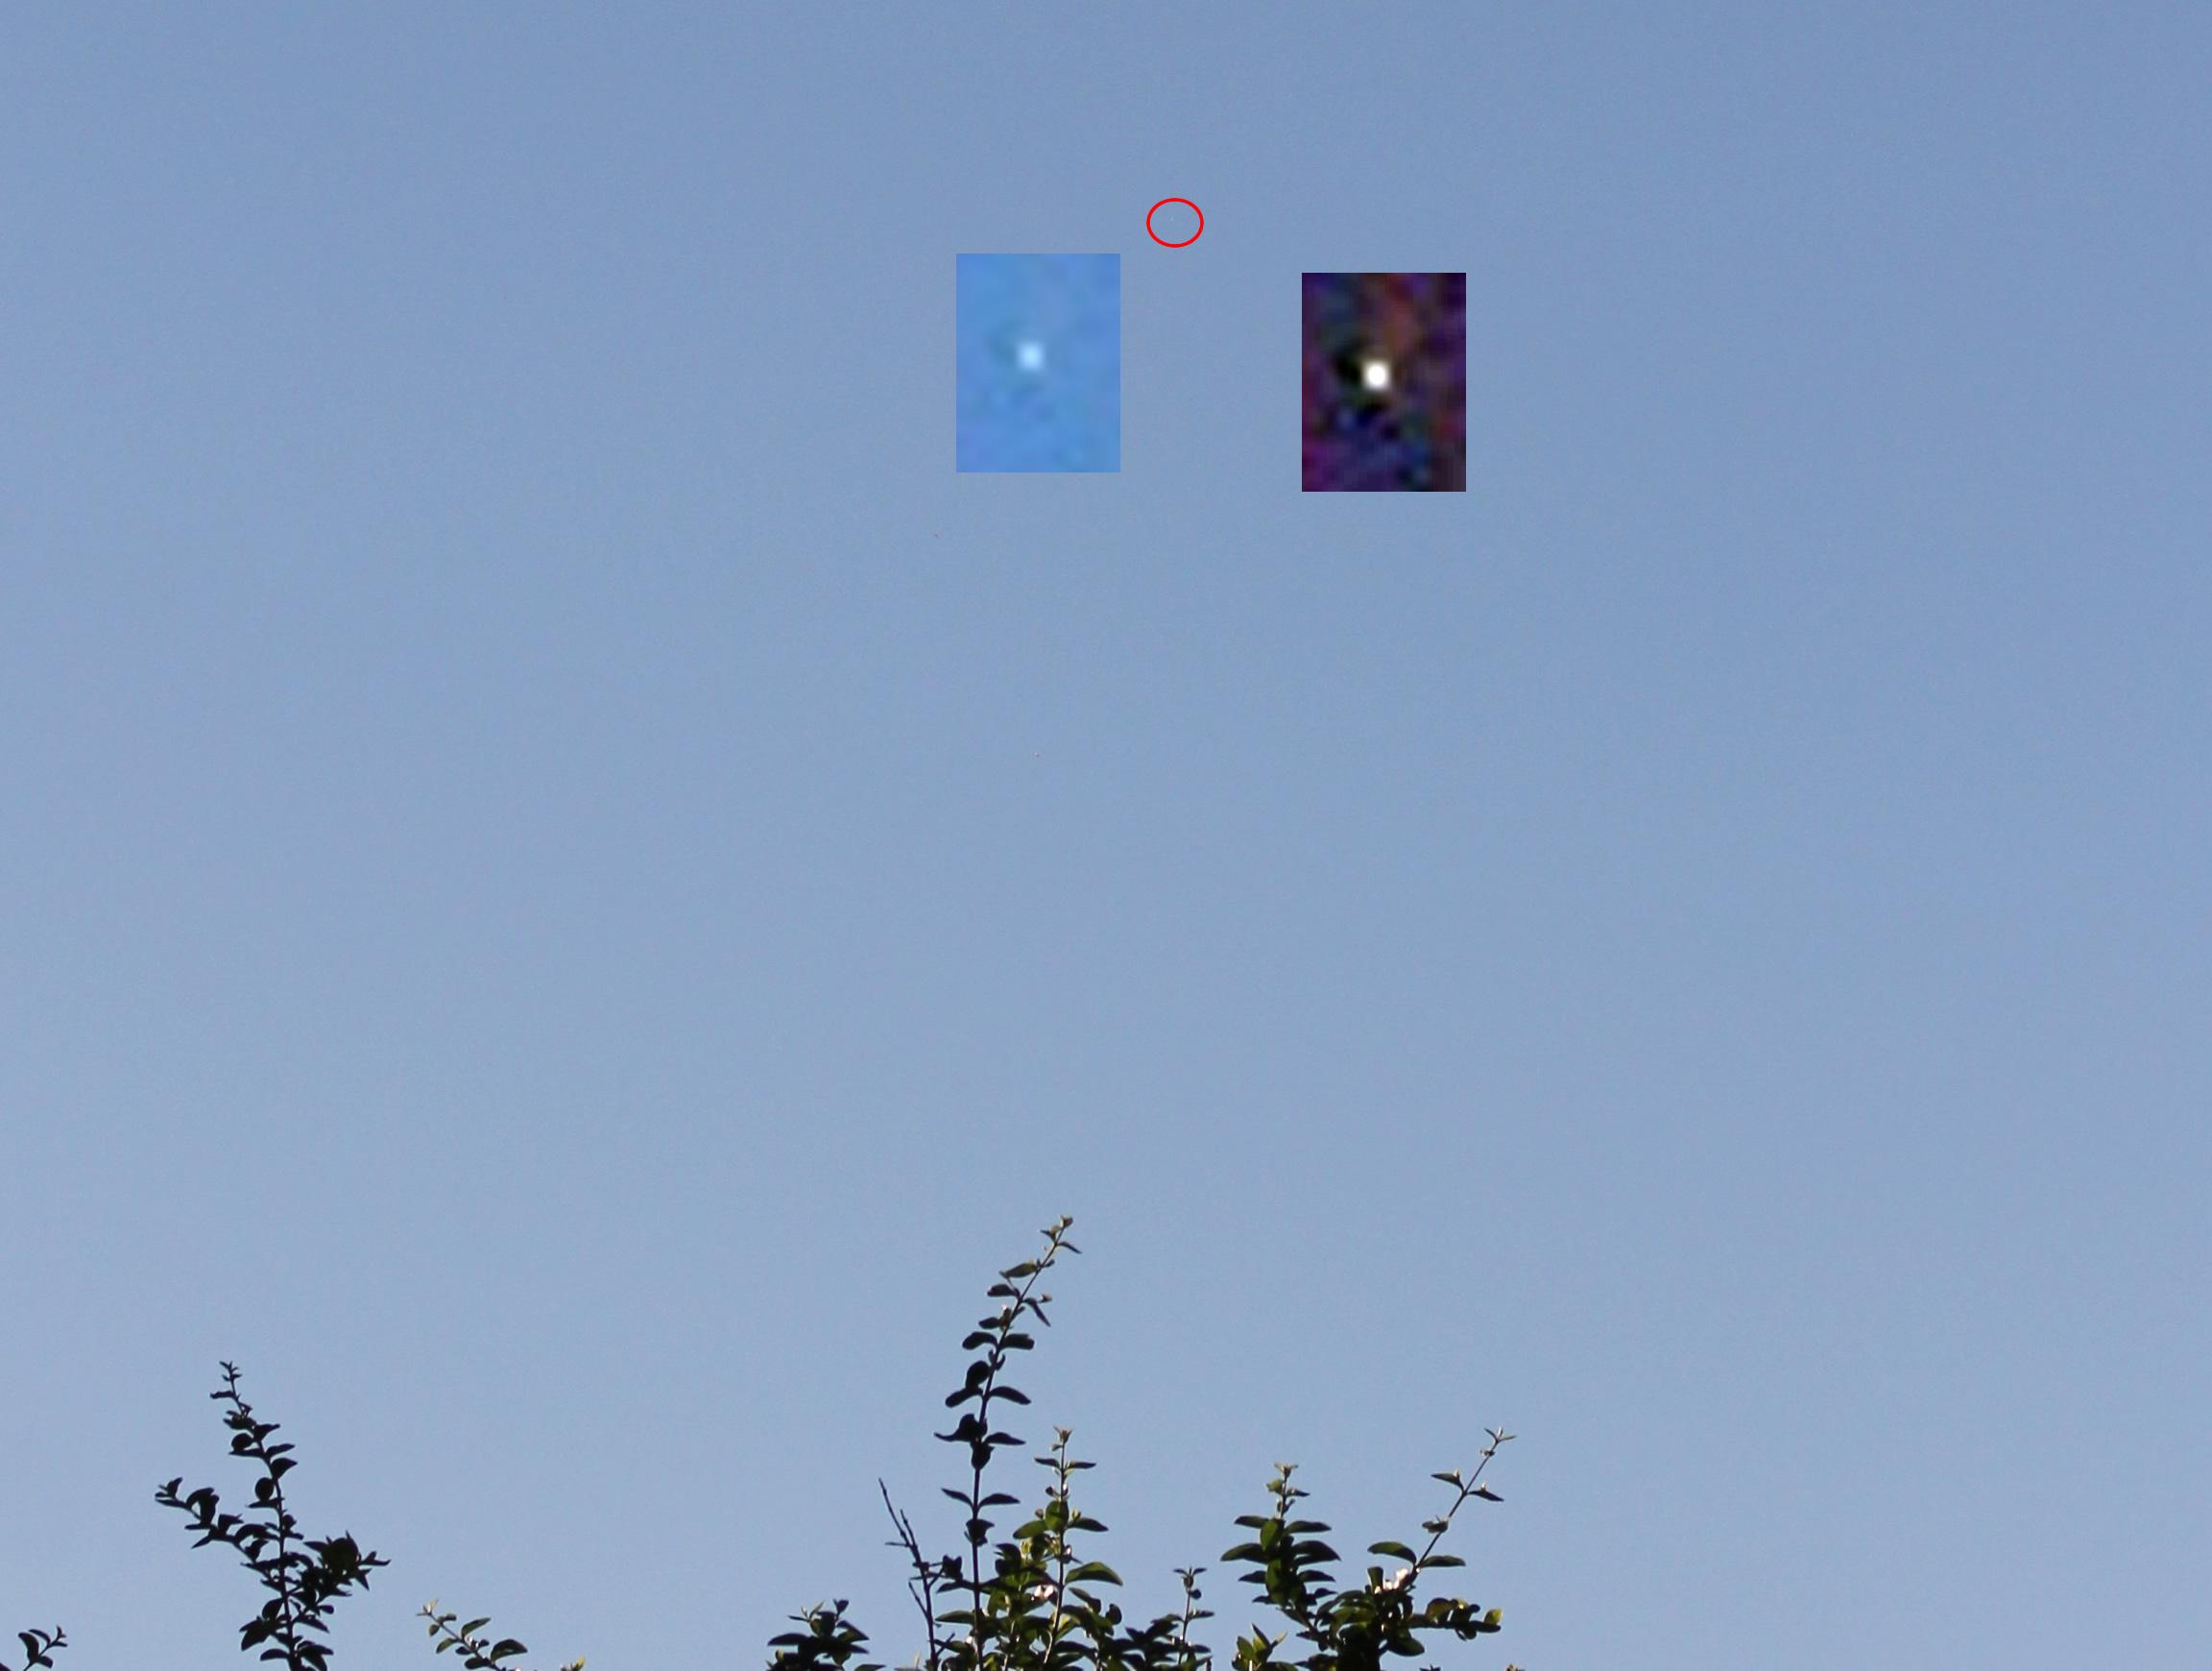 Fotografía tomada una hora después del avistamiento. Se ha aplicado filtros a la estrella para apreciarla de mejor manera. La estrella también puede verse en todas las demás 13 imágenes provistas.